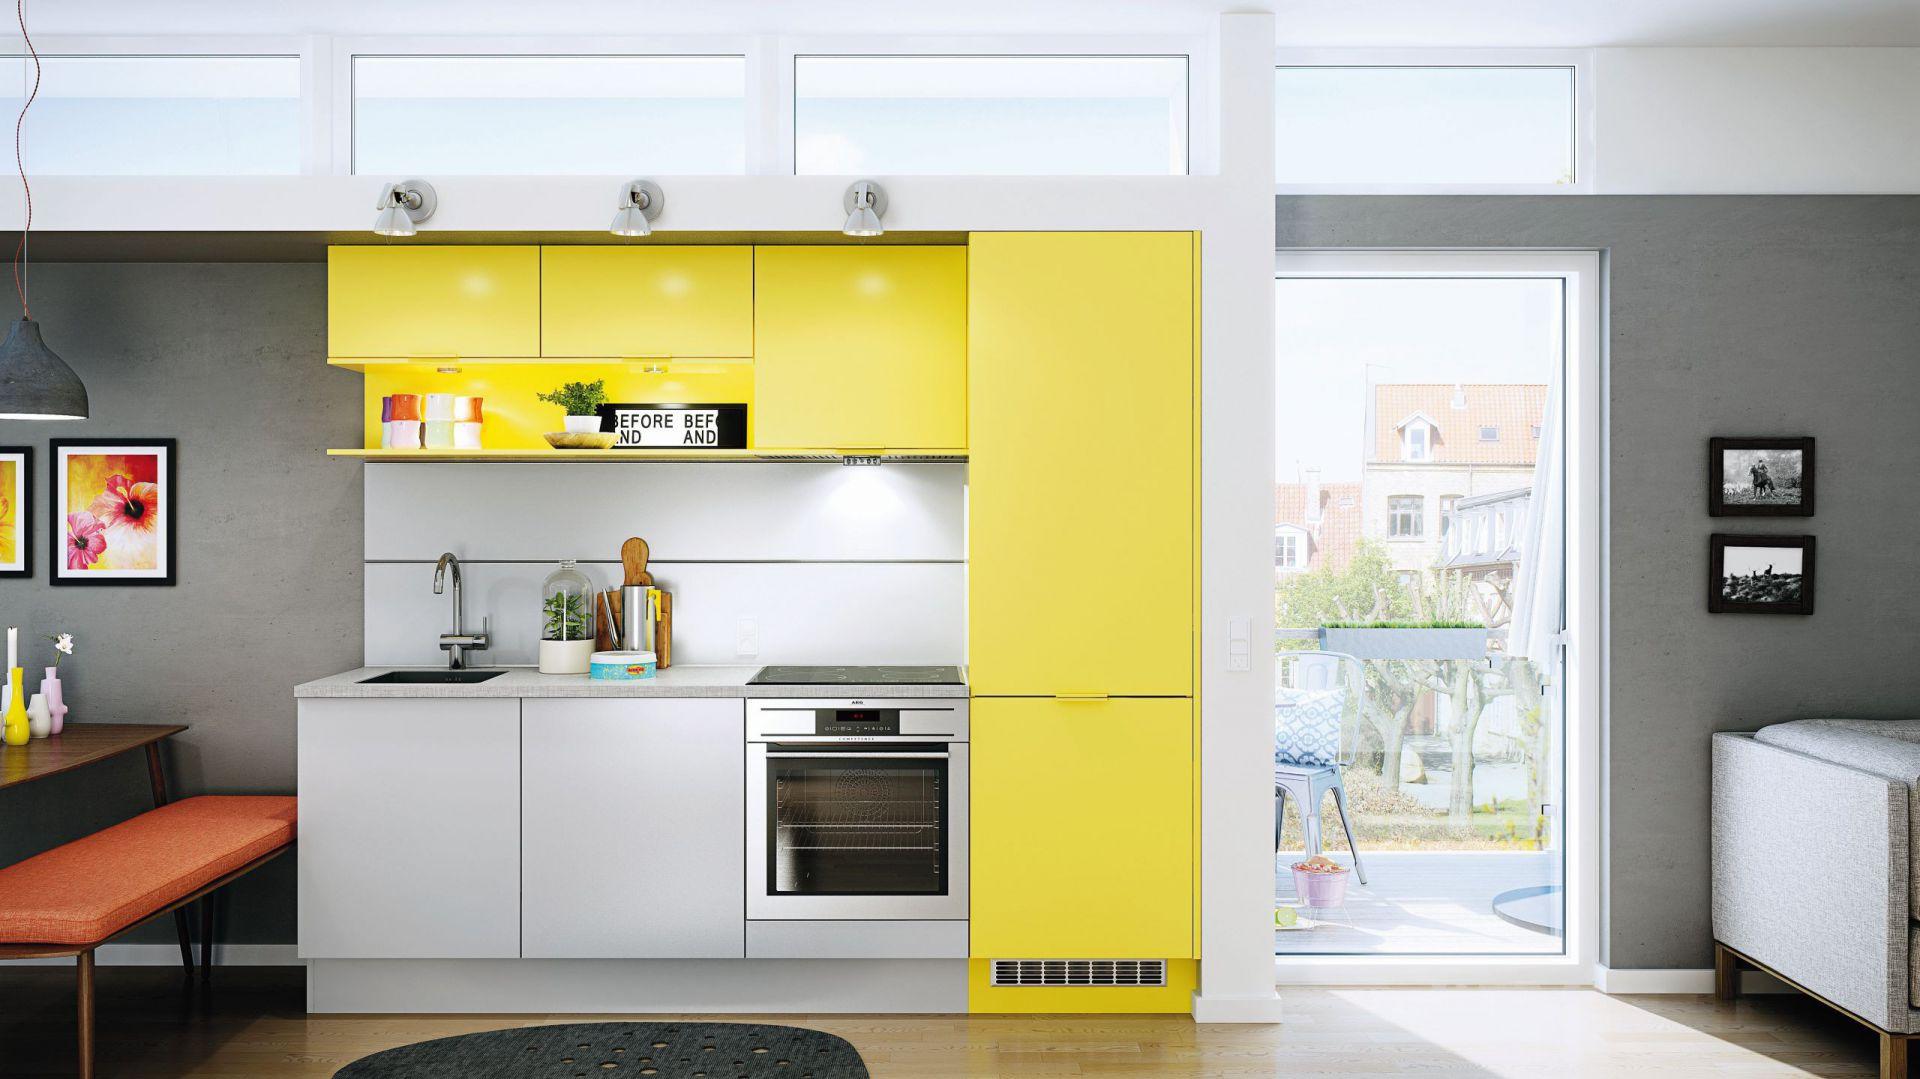 pe�en życia i energii piękne kuchnie w ż243�tym kolorze